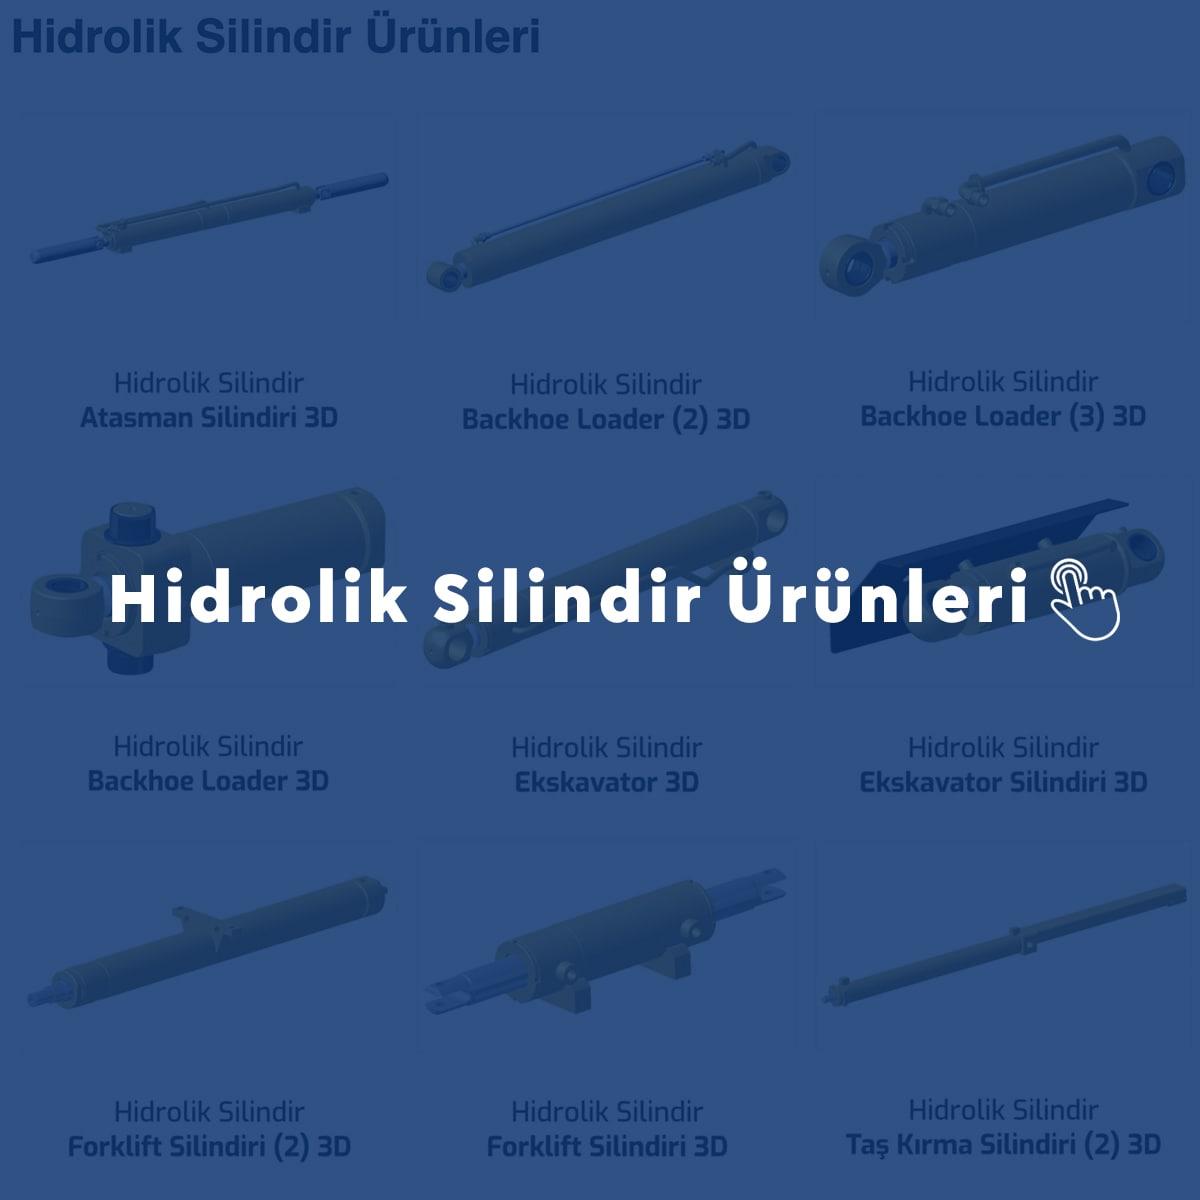 Hidrolik Silindir Ürünleri